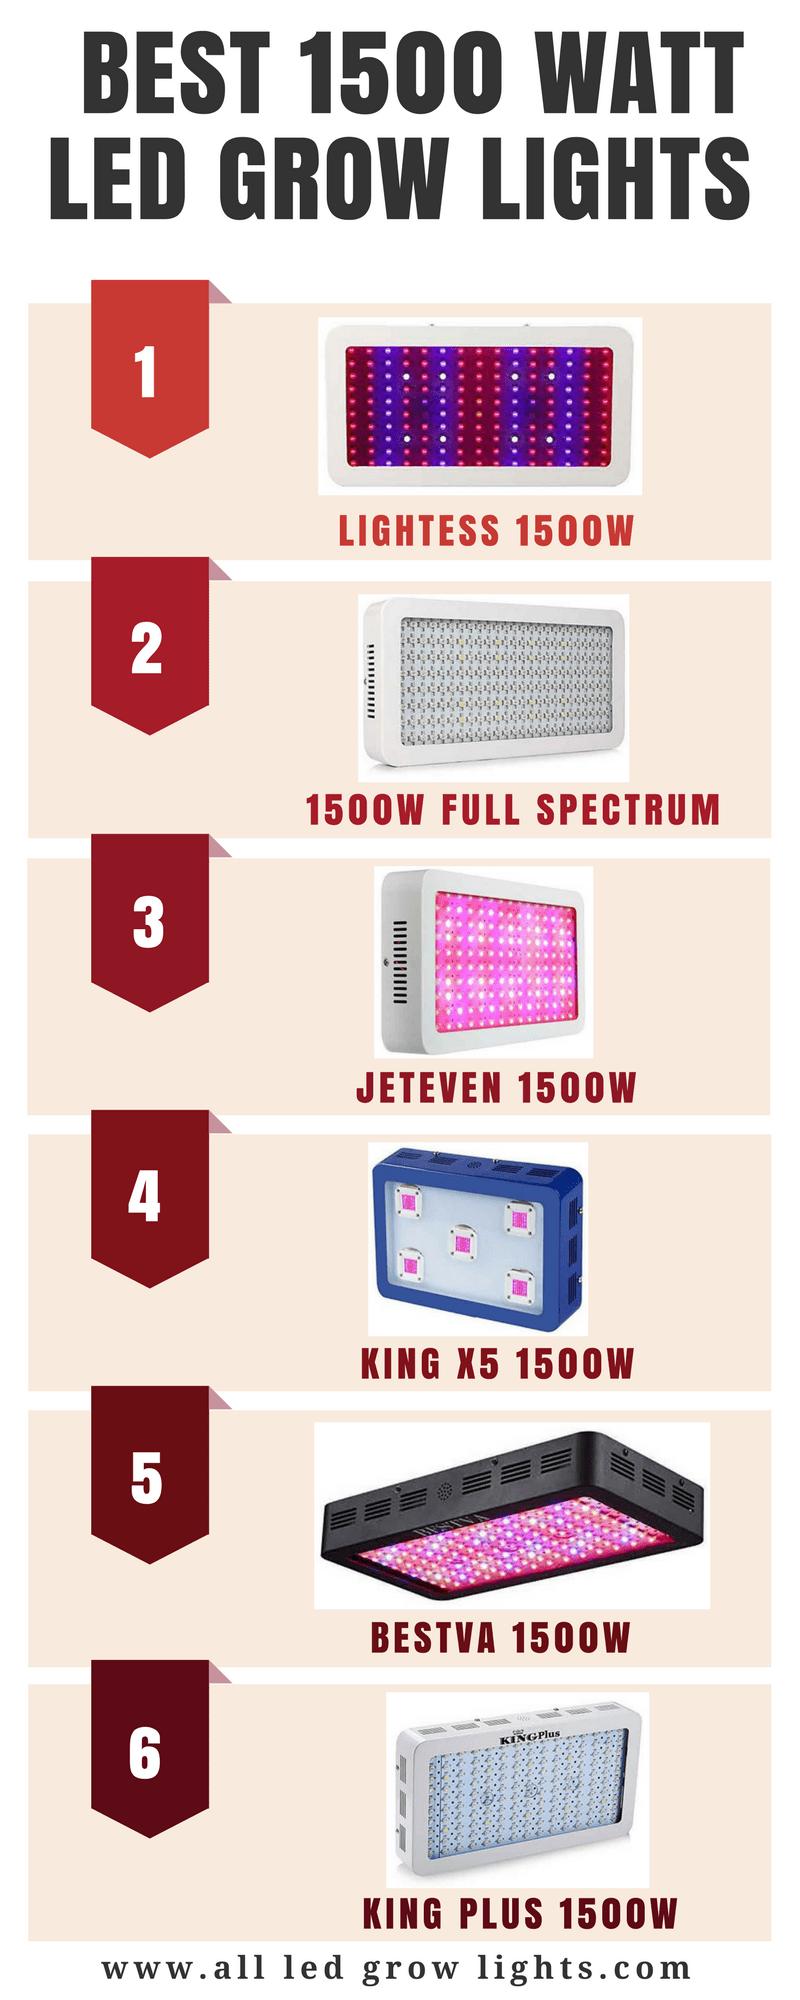 1500 watt led grow light info graph